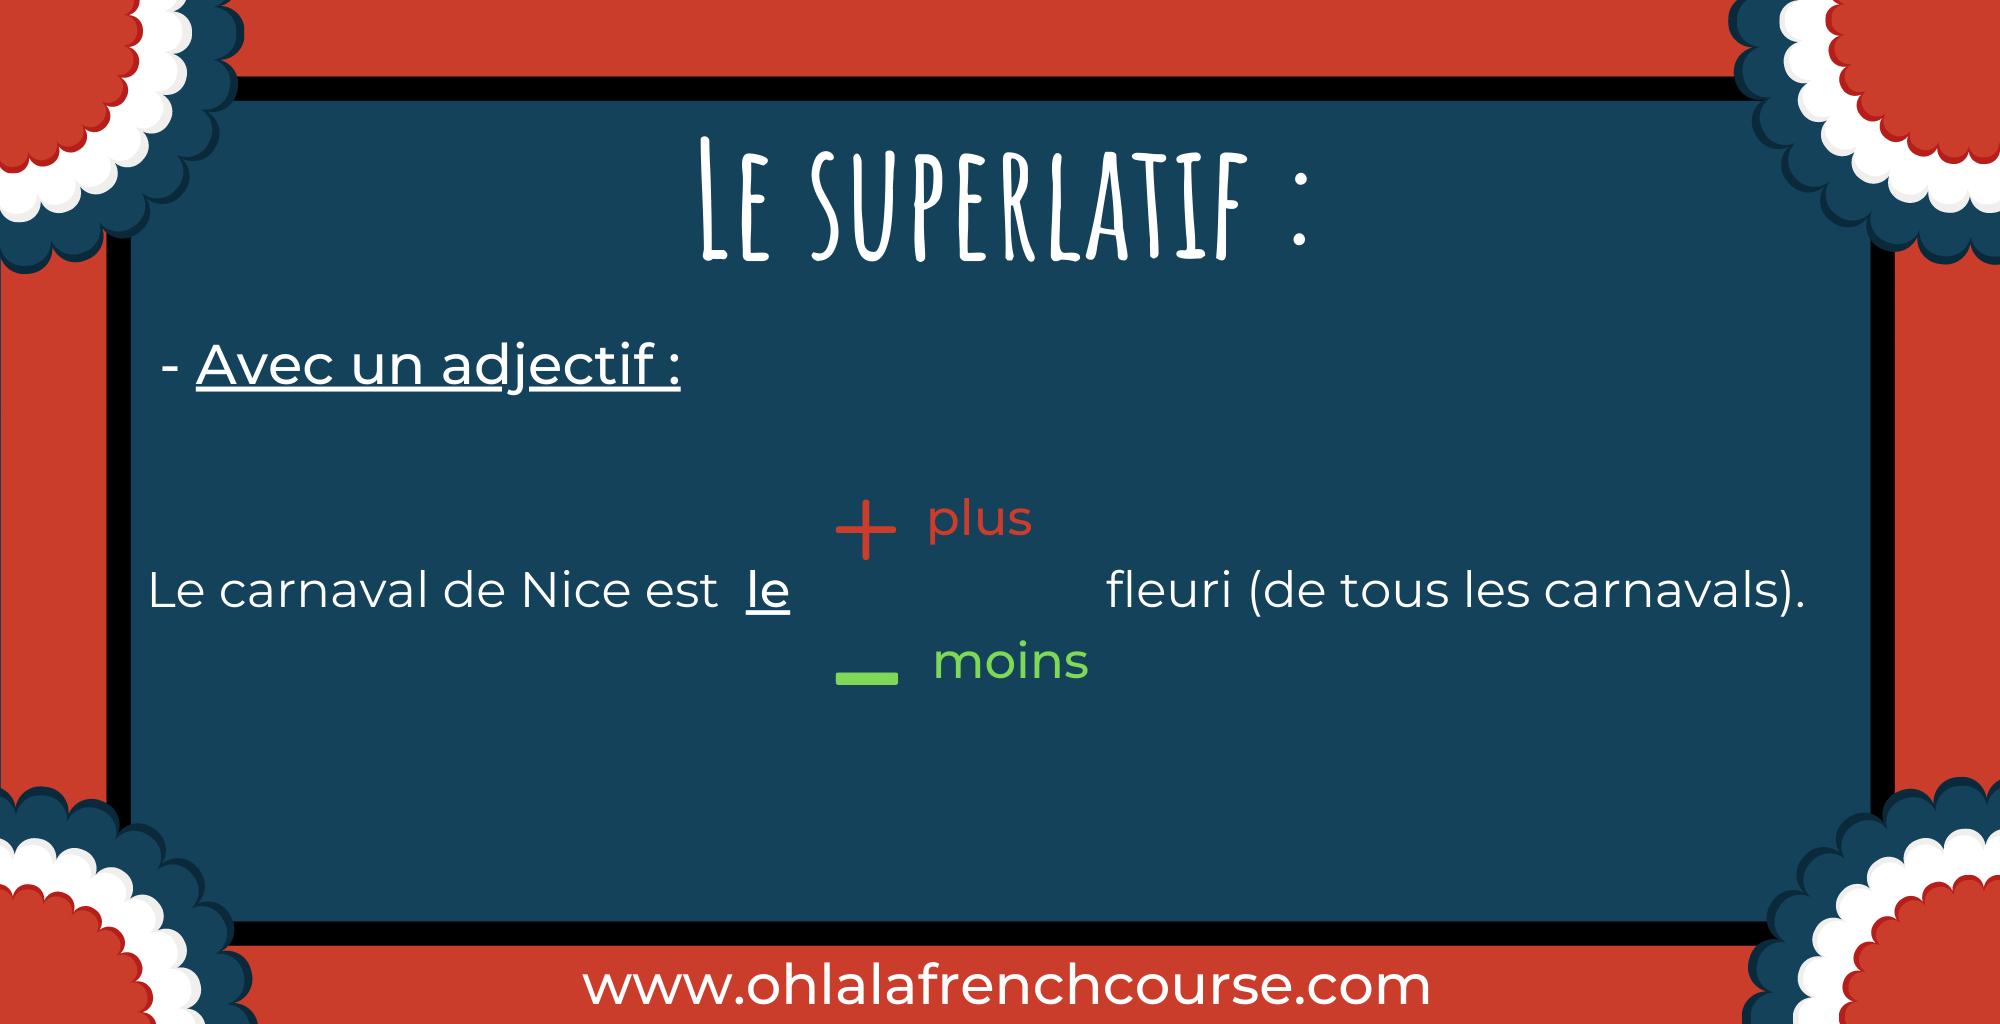 Le superlatif - Lesuperlatif avec un adjectif